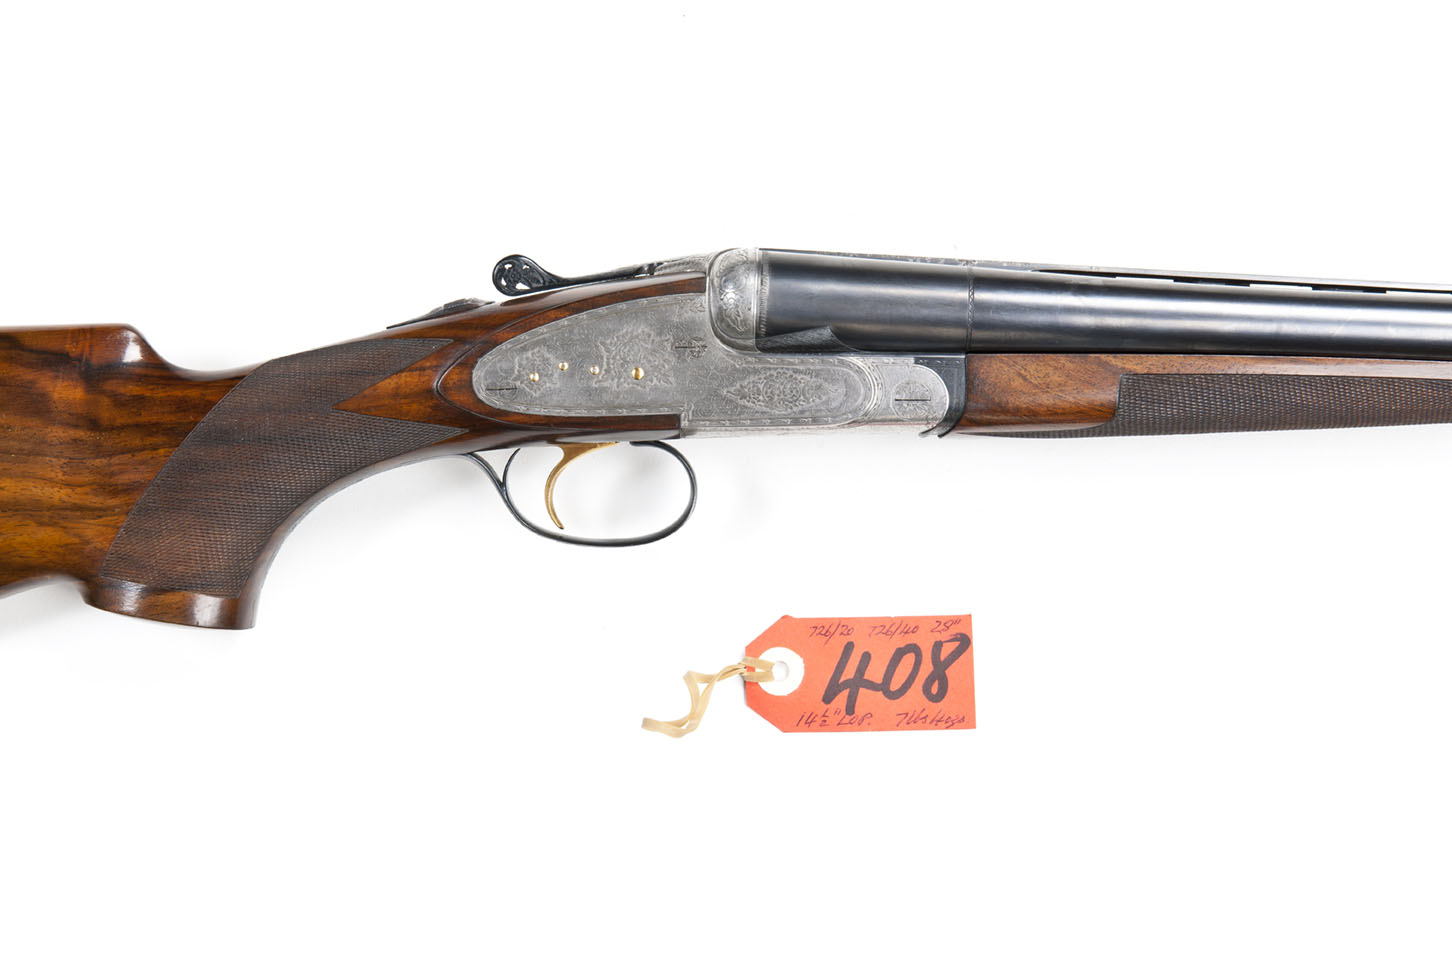 Beretta Mod.451 Eell S.L.E. Sxs Shotgun - Australian Arms Auctions